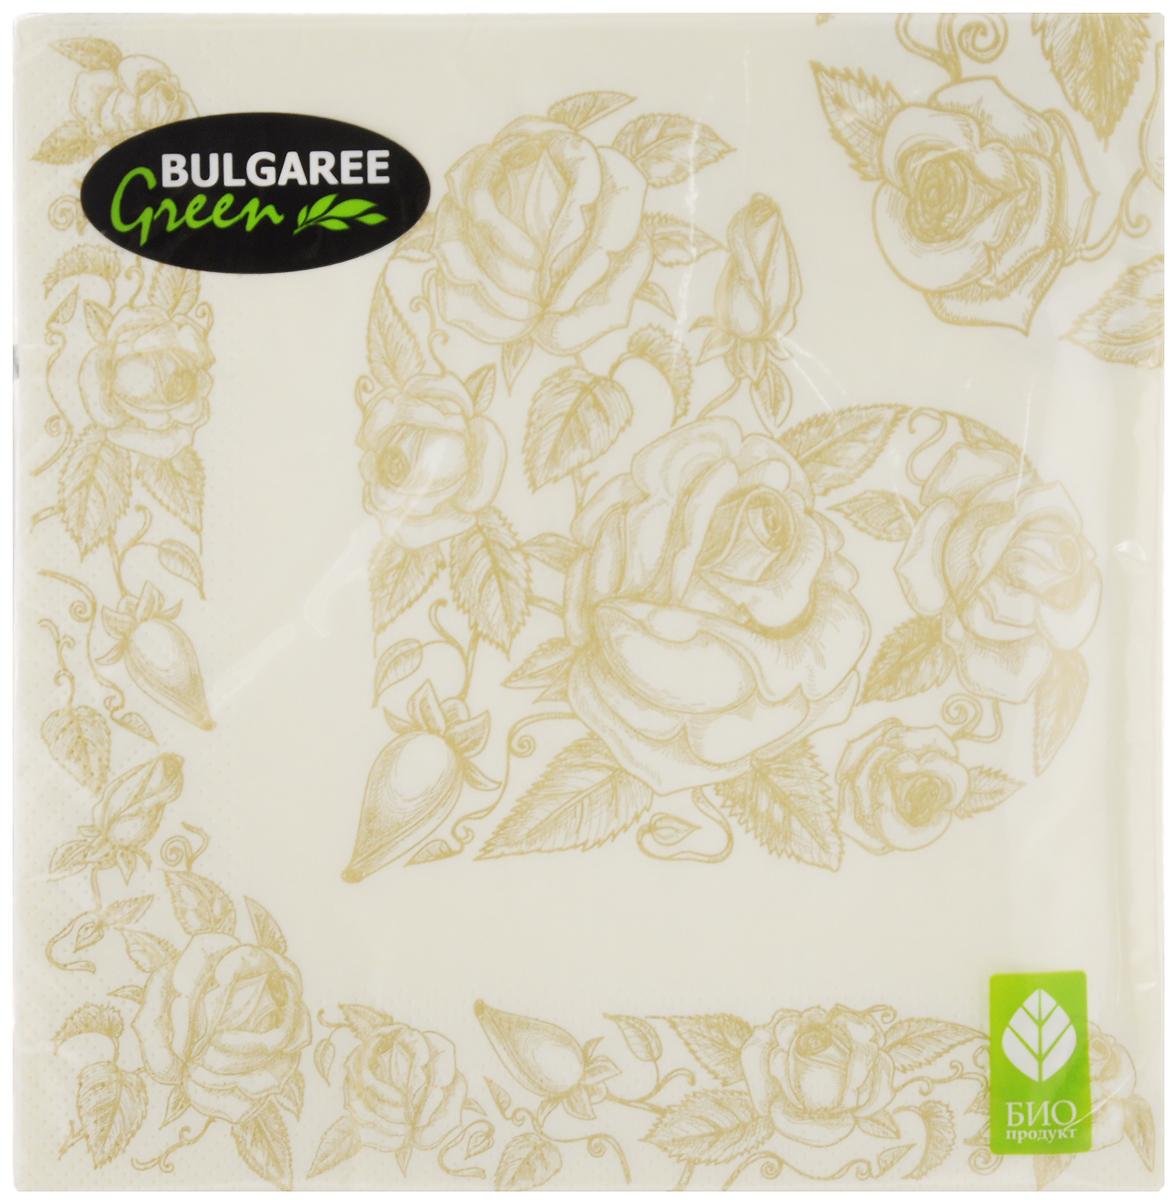 Салфетки бумажные Bulgaree Green Золотое сердце, трехслойные, 33 х 33 см, 20 шт1002696Декоративные трехслойные салфетки Bulgaree Green Золотое сердце выполнены из 100% целлюлозы европейского качества и оформлены ярким рисунком. Изделия станут отличным дополнением любого праздничного стола. Они отличаются необычной мягкостью, прочностью и оригинальностью. Размер салфеток в развернутом виде: 33 х 33 см.